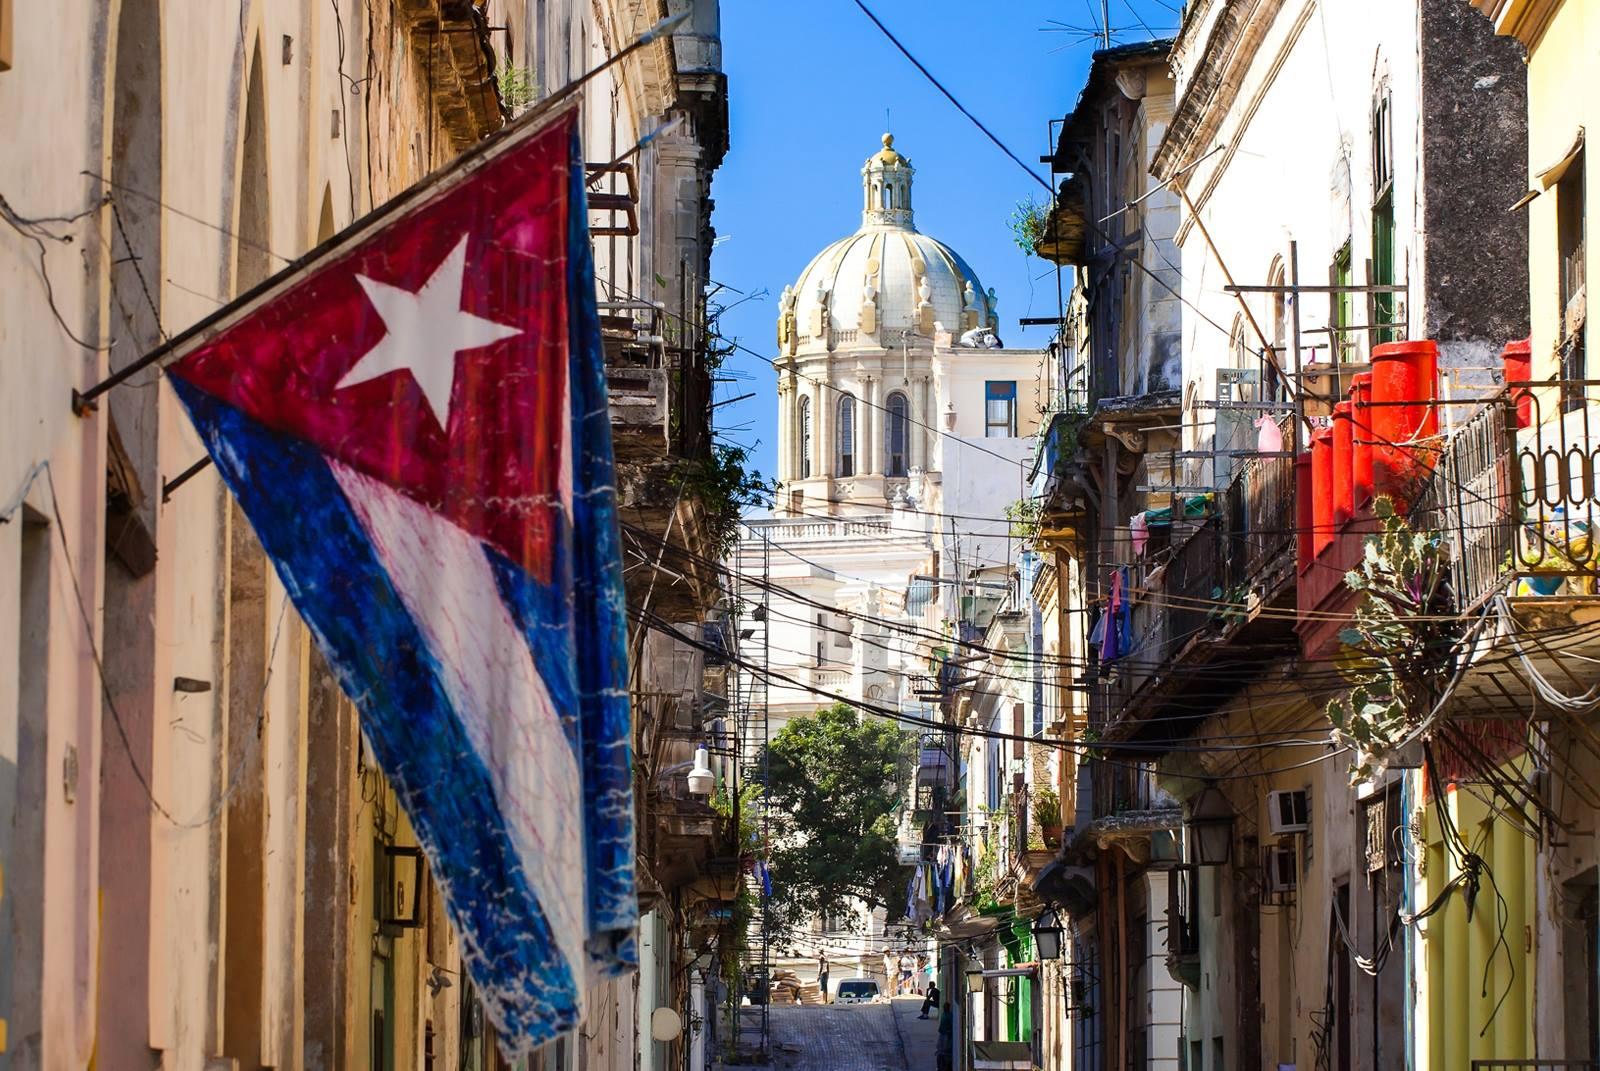 Coloquio: Veracruz-La Habana, cinco siglos: conexiones regionales de un espacio global